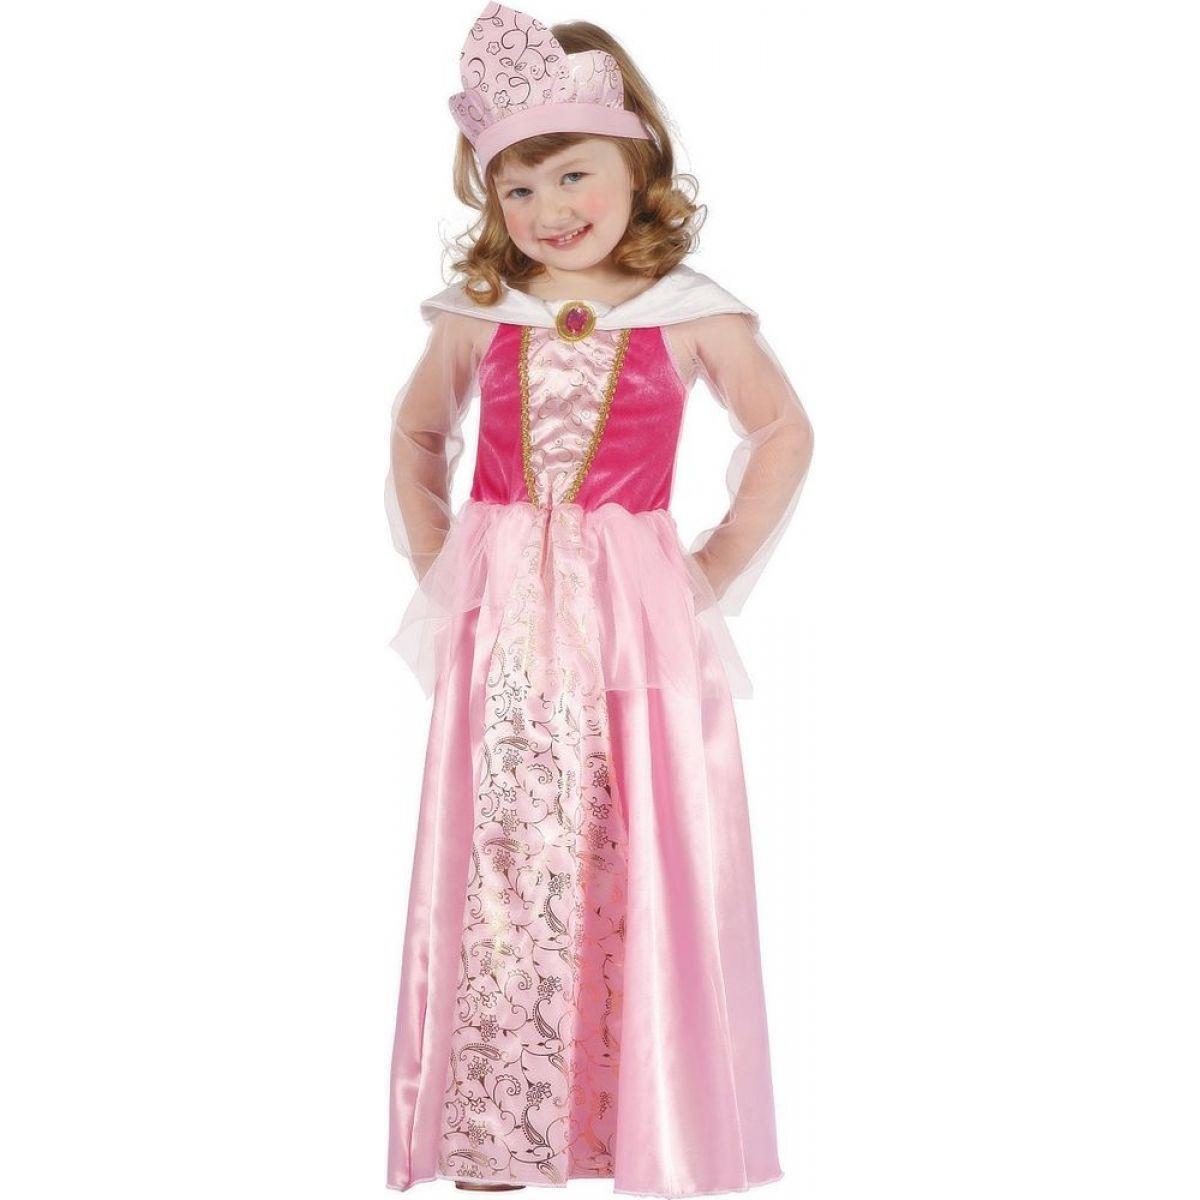 Made Dětský kostým Růženka 92-104cm